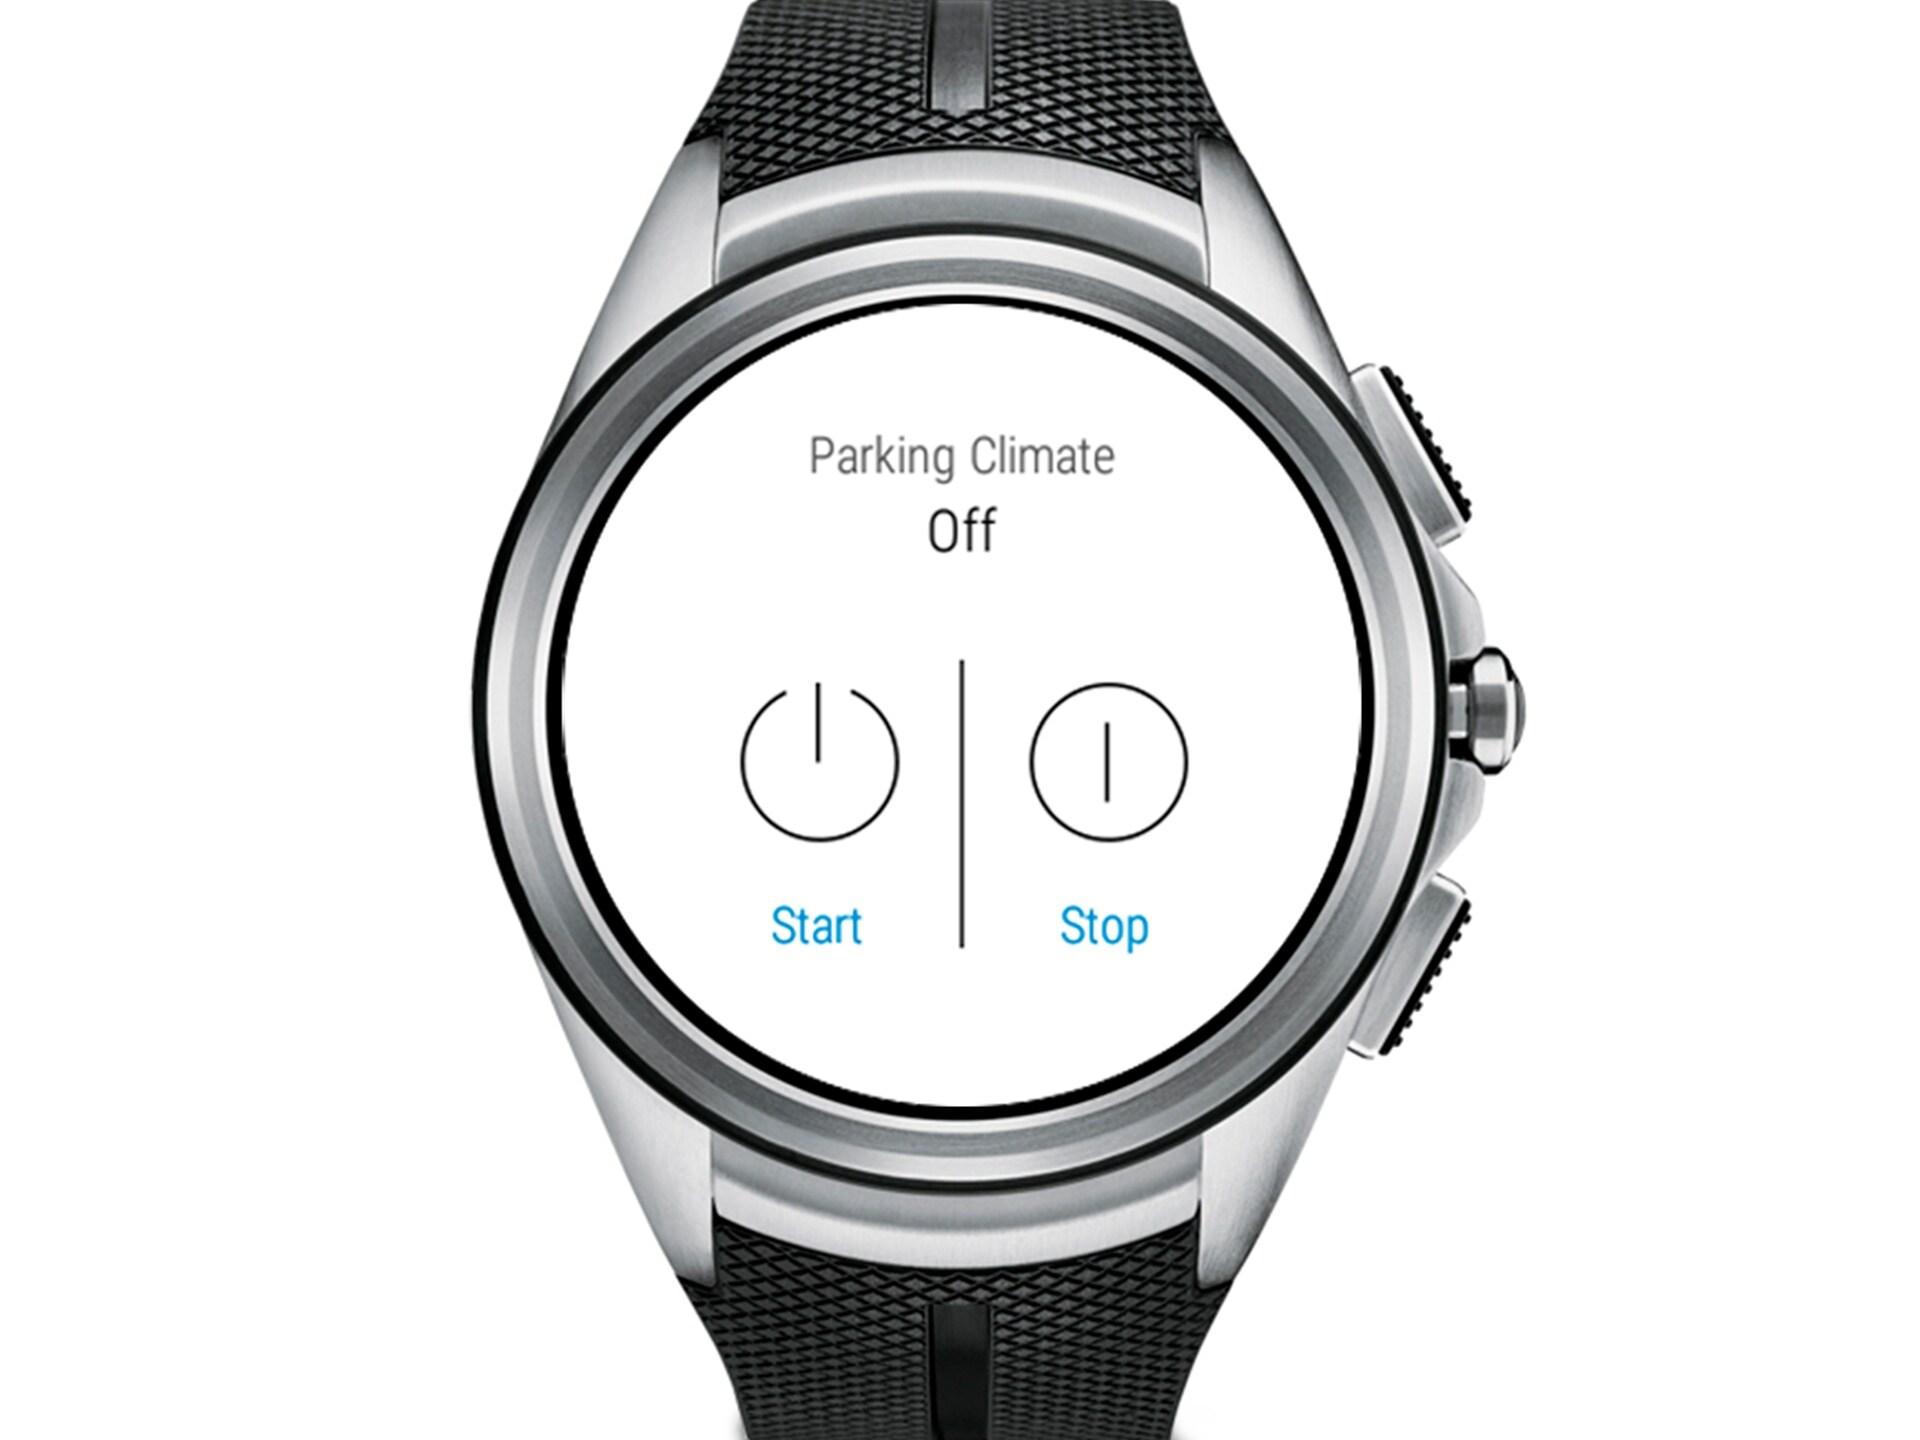 En närbild av en smartwatch med ett svart gummiband som visar parkeringsklimat